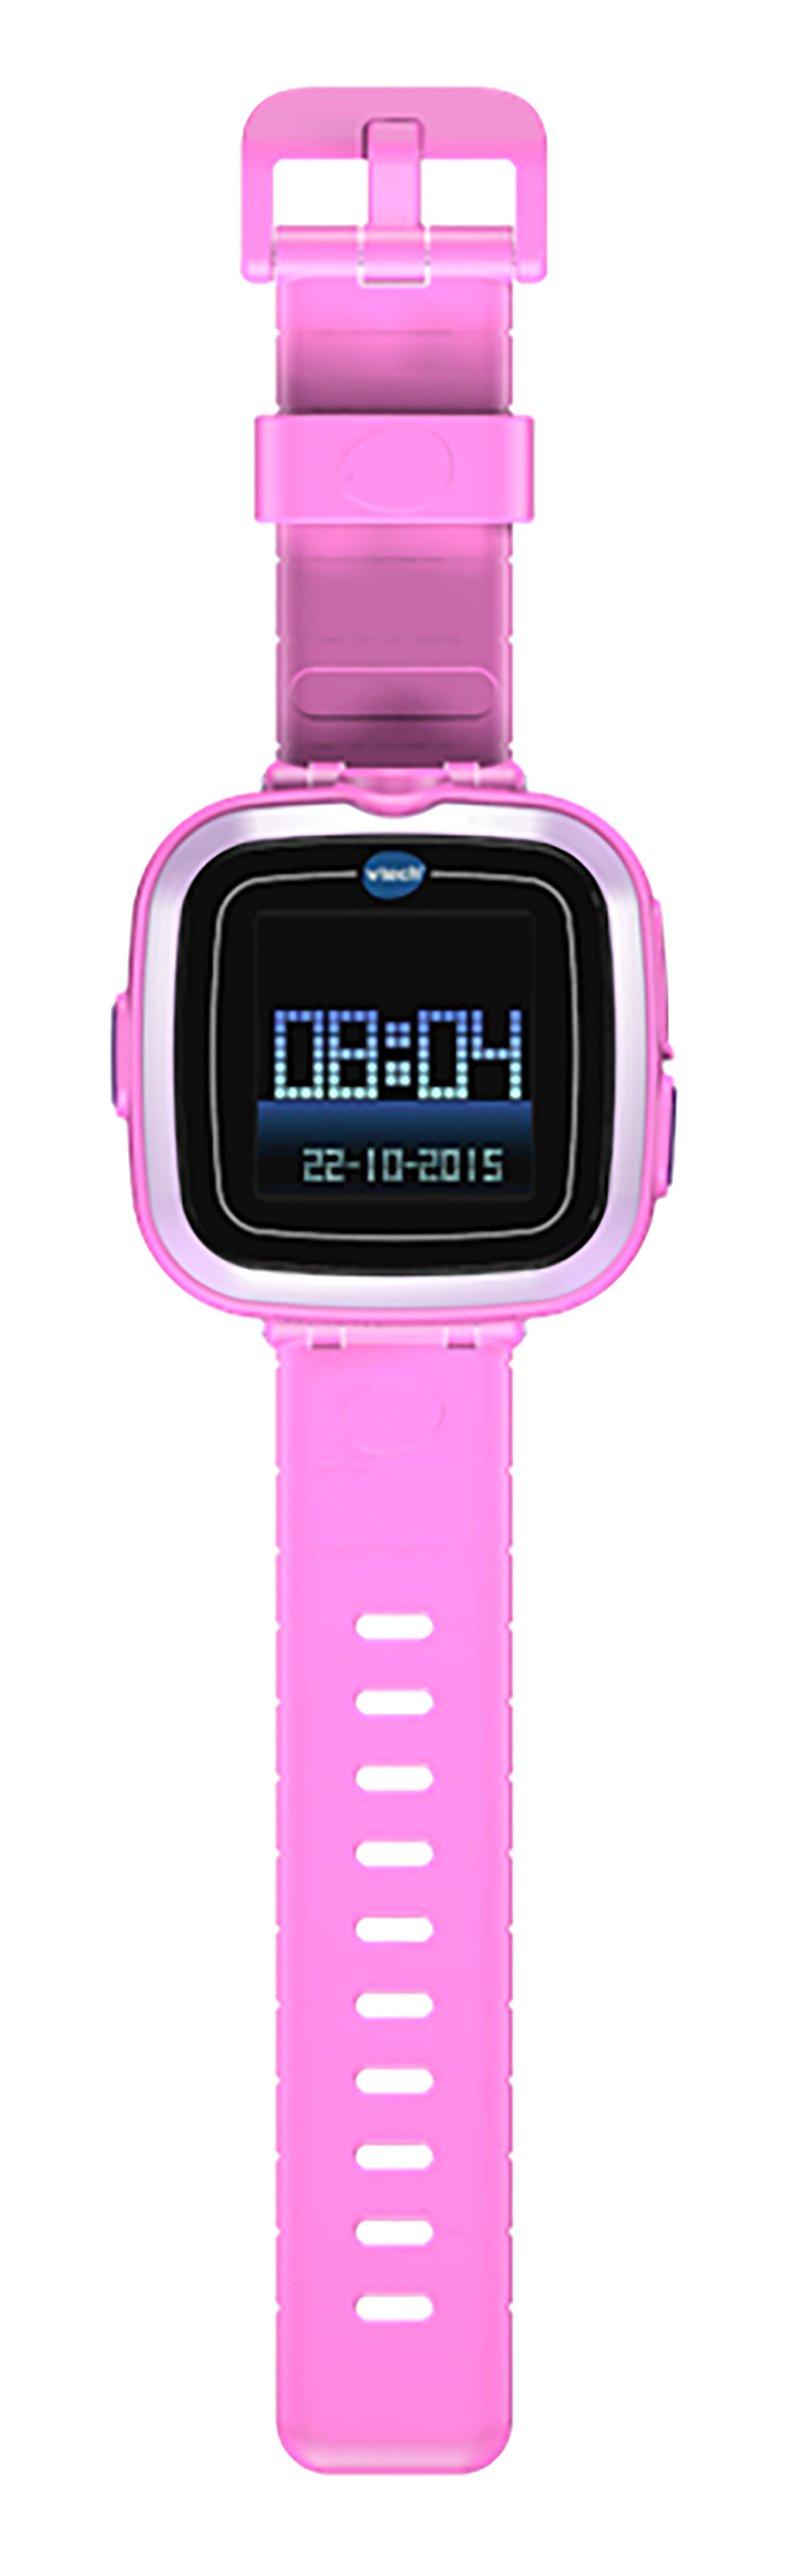 VTech Kidizoom – SmartWatch para niños, Rosa (80-155714) (versión